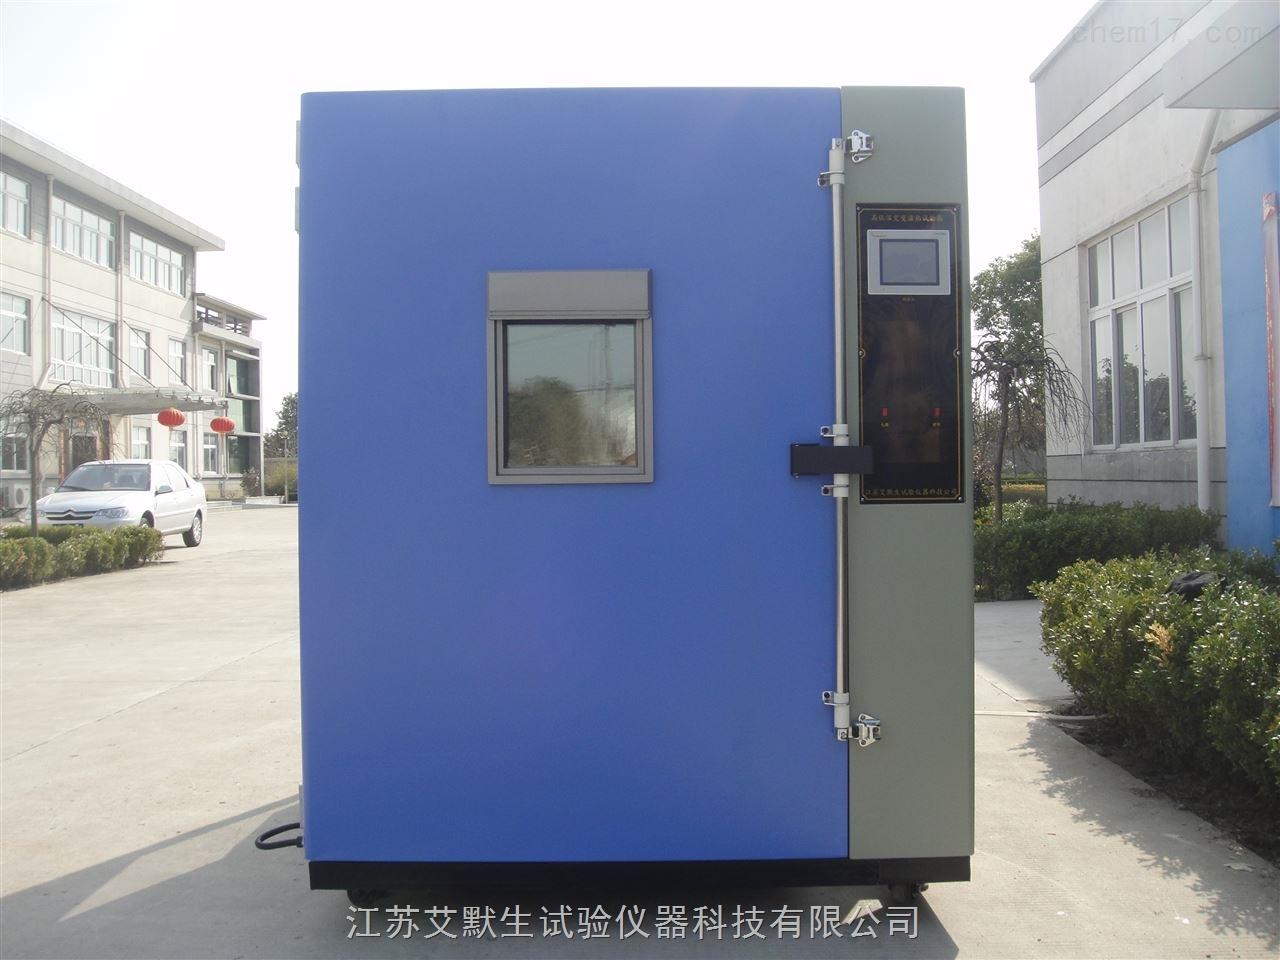 非标尺寸组件检测试验箱/高低温湿冻试验箱